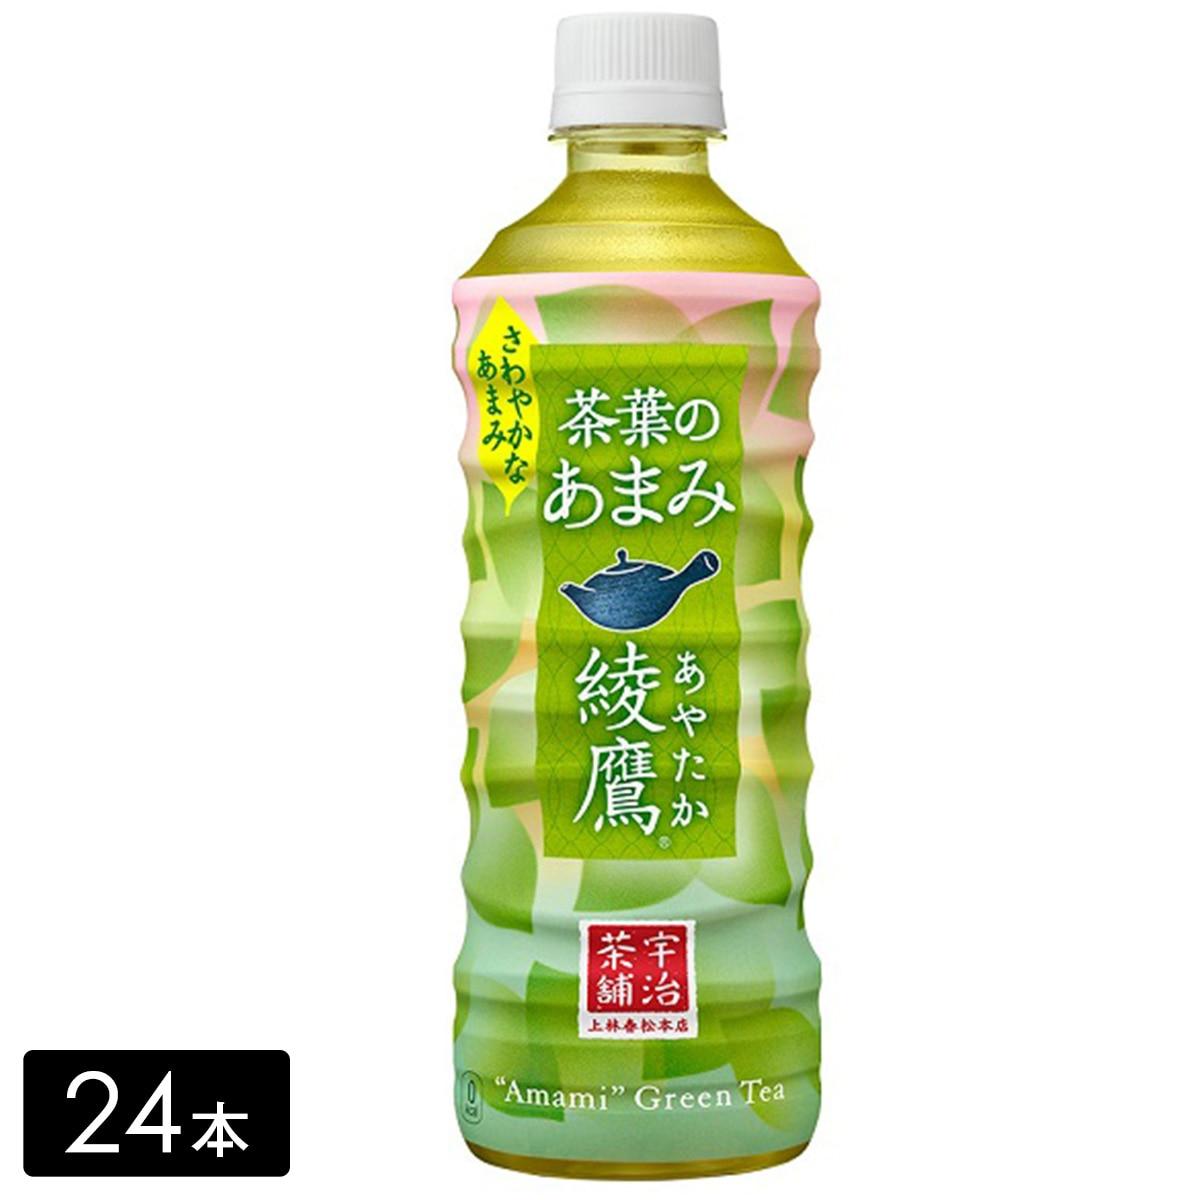 綾鷹 緑茶 茶葉のあまみ 525mL×24本